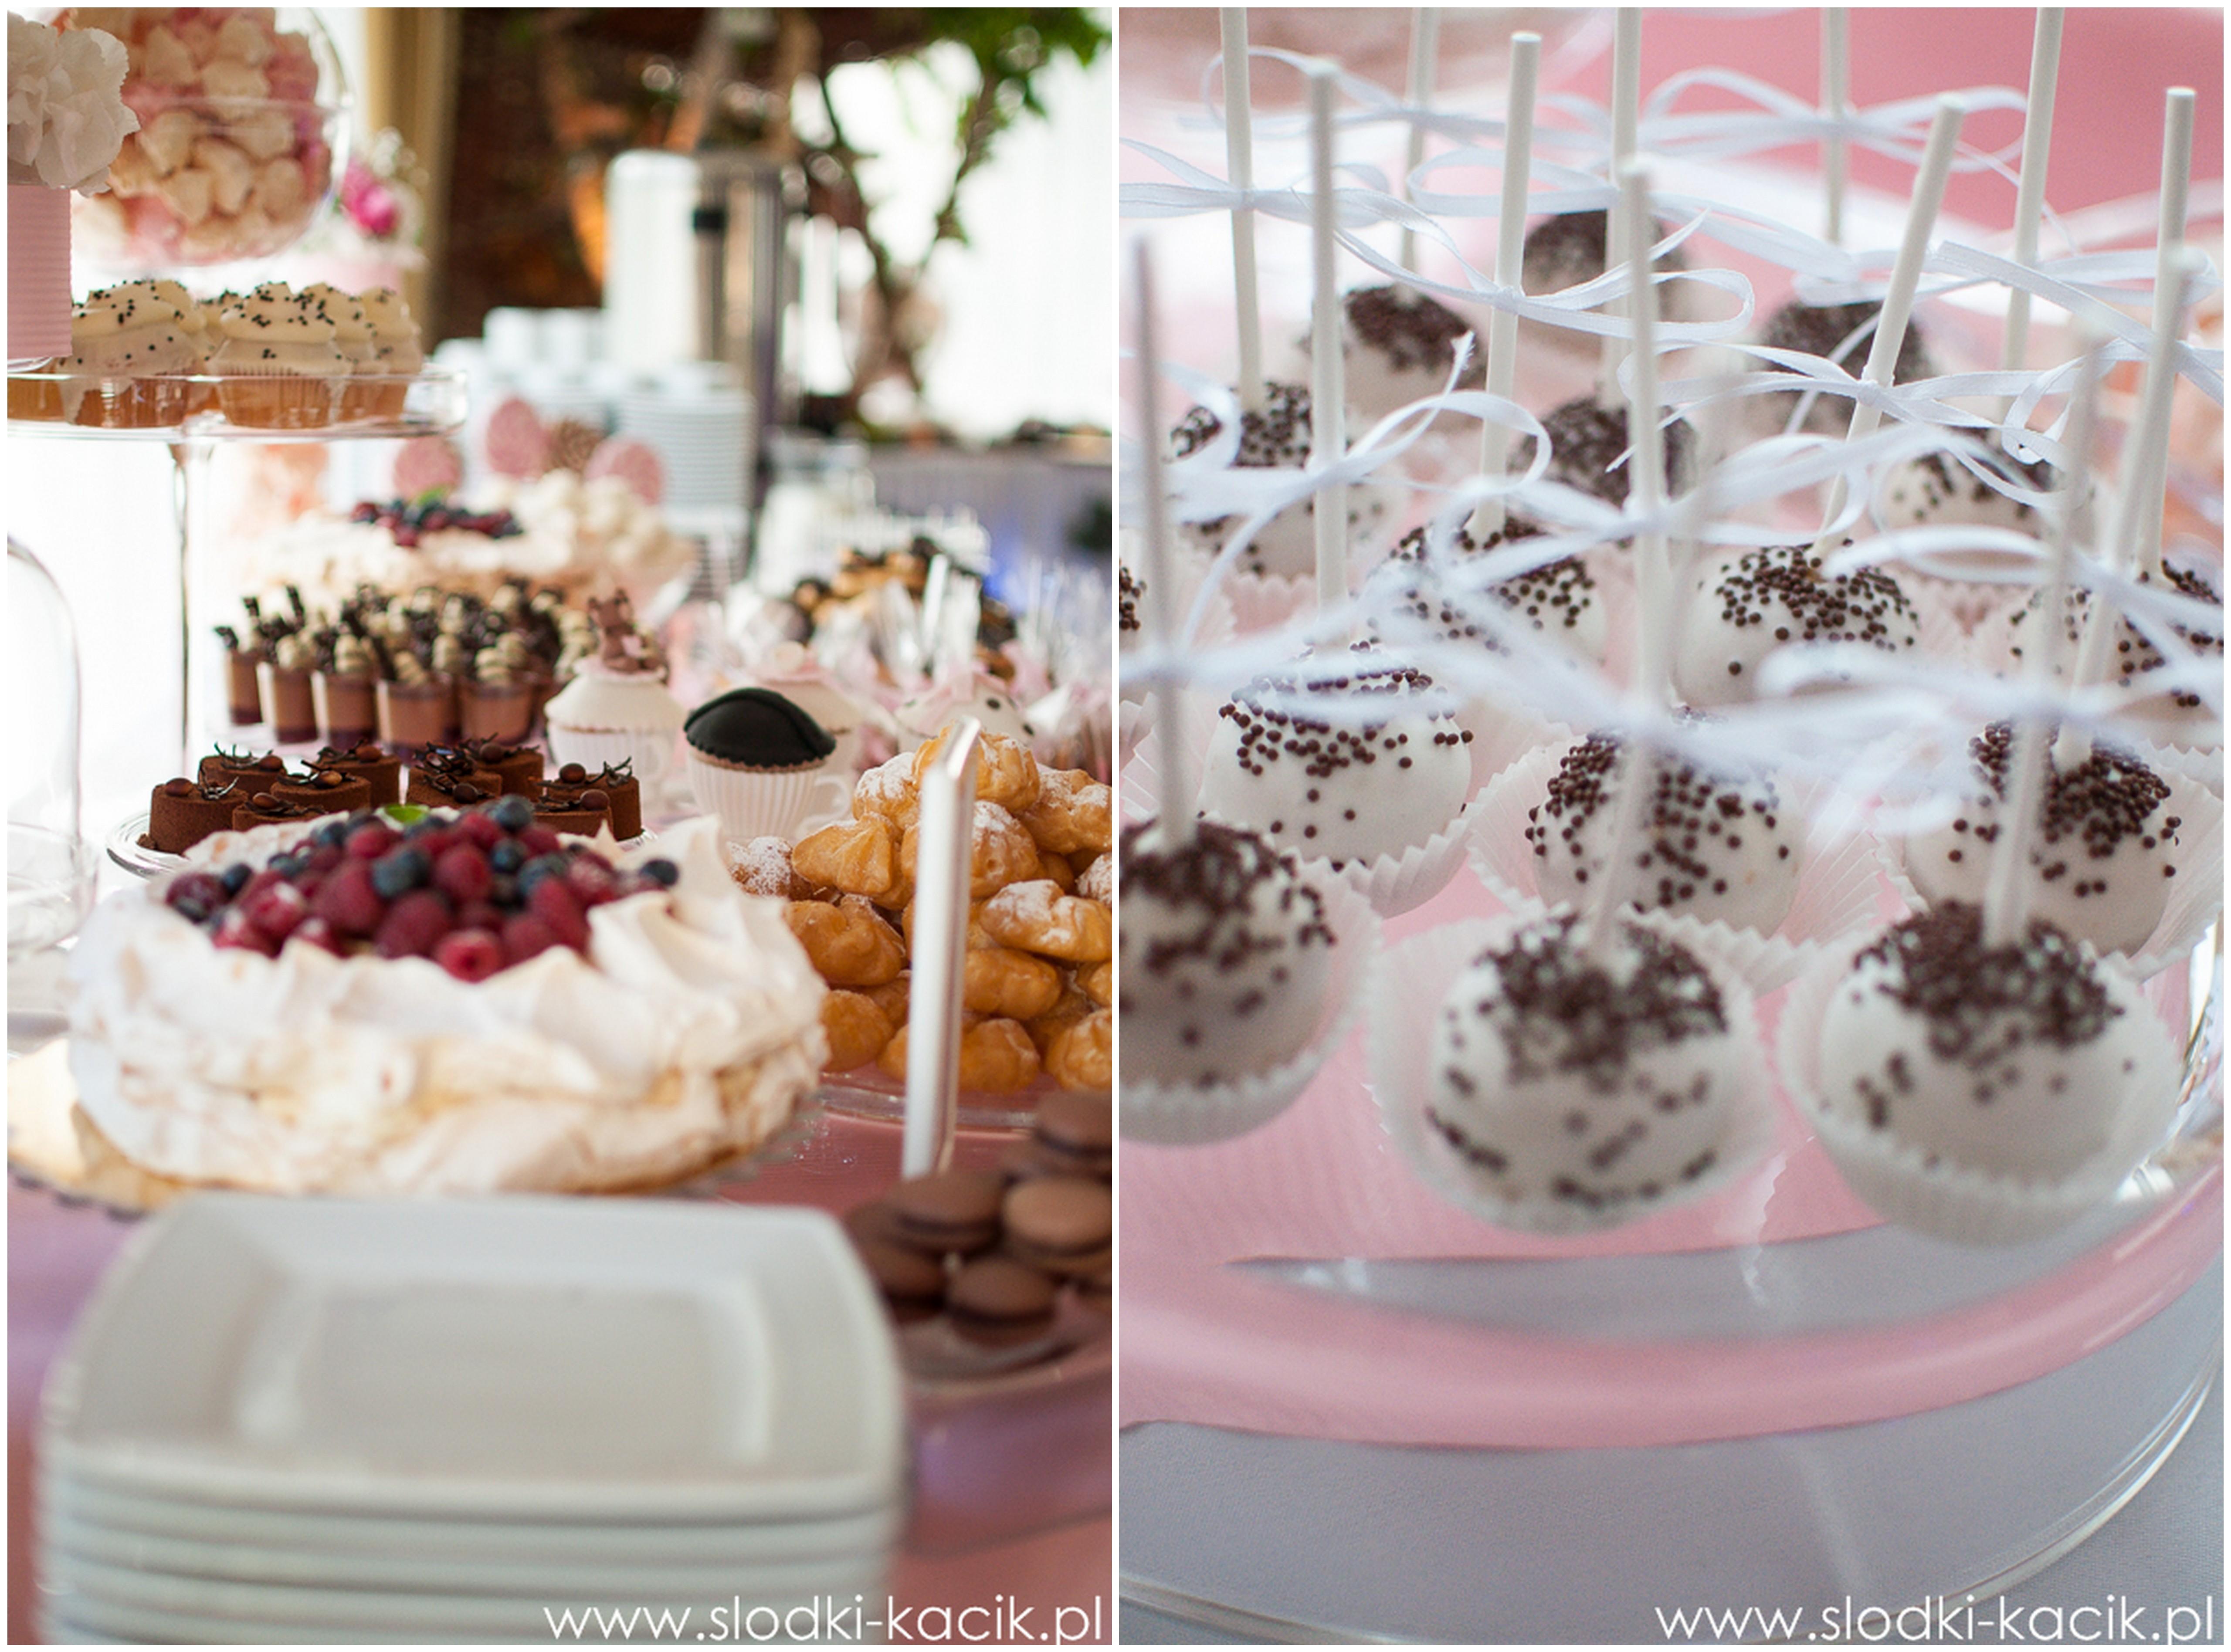 Słodki Kącik roz kropki, słodki stół, słodki bufet, candy bar, tort weselny, ciasto wesele, ślub, pavlova, ciasteczka, słodycze, lizaki, buteleczki, cakepop, cupcake,  popco (8)